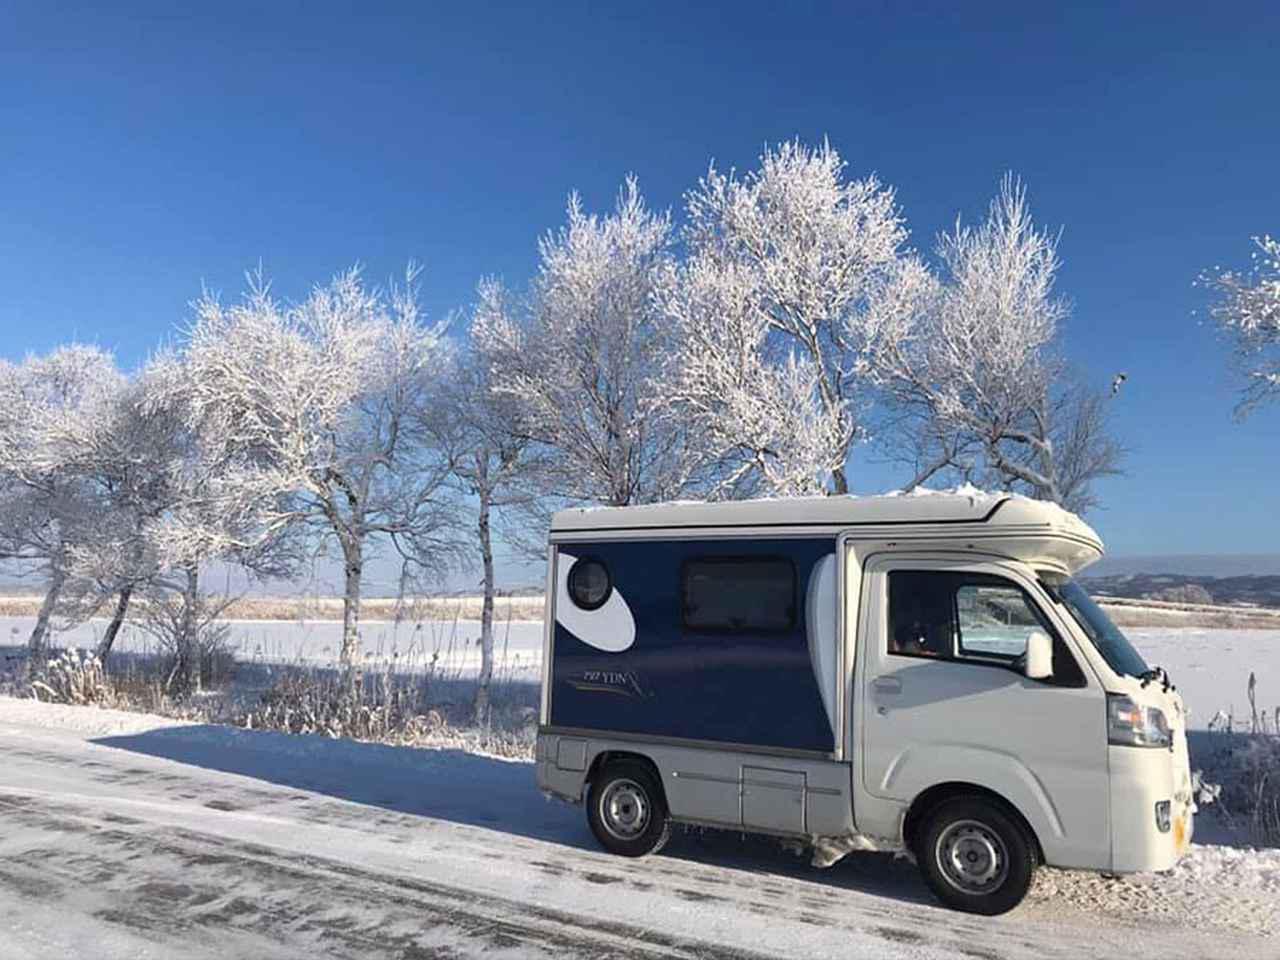 画像: 毎日の足だからもちろん雪の中も走る。街路樹が白いのは、細かくて軽い雪が降る極寒である証。これが北海道の冬の日常的景色。そのなかをちはるさんは走行する。